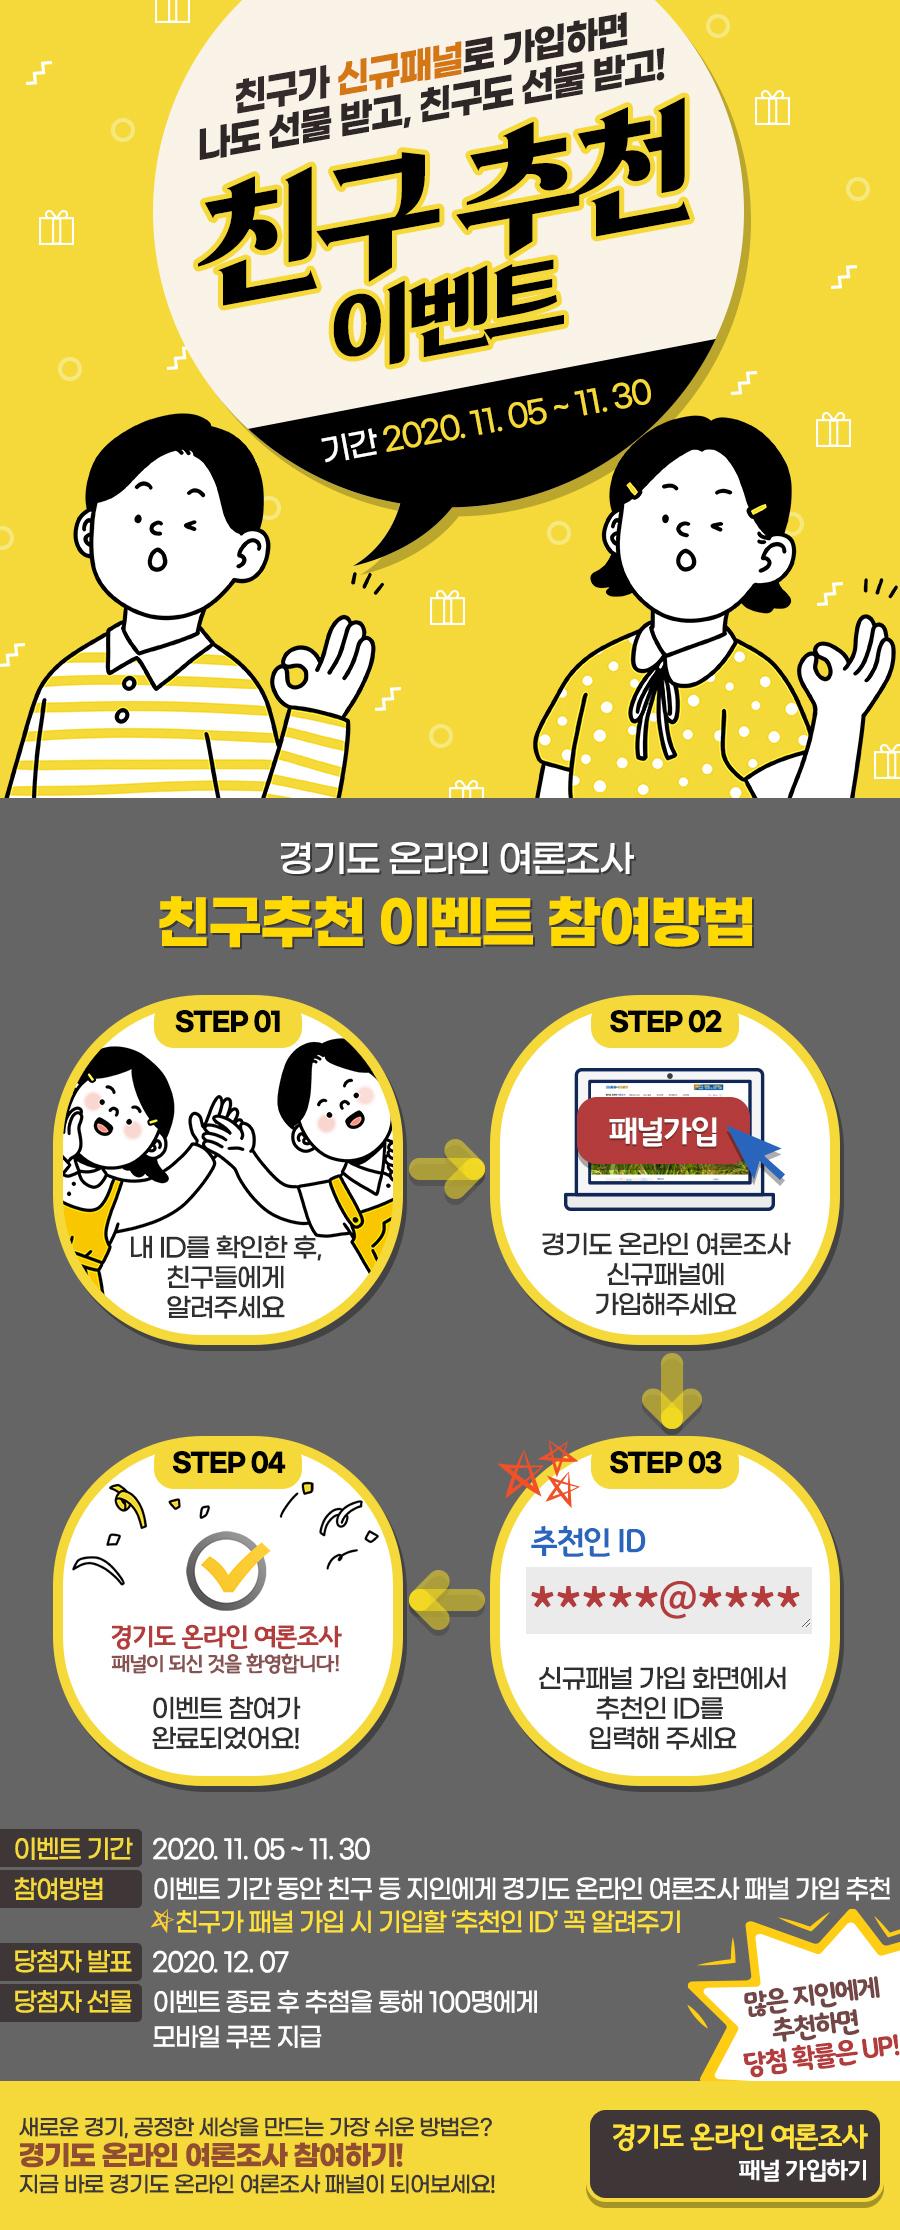 경기도 온라인 여론조사 친구추천 이벤트